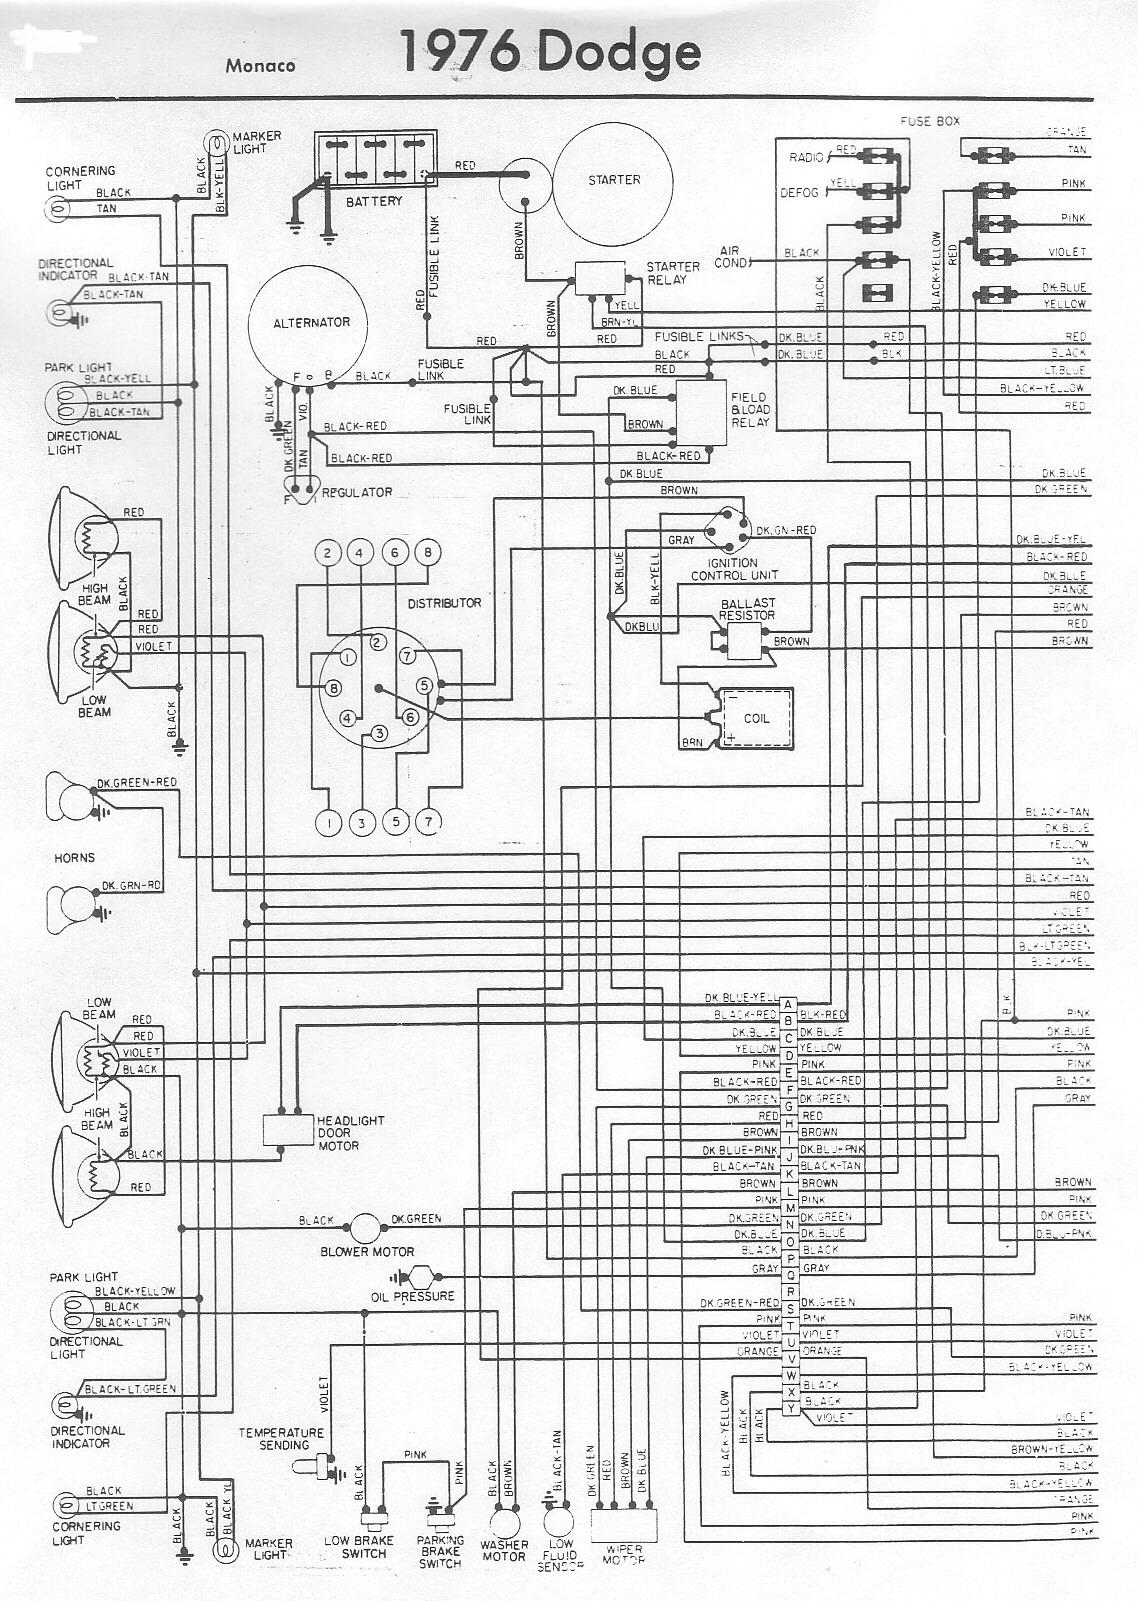 2003 Cadillac Deville Fuse Locations Diagram